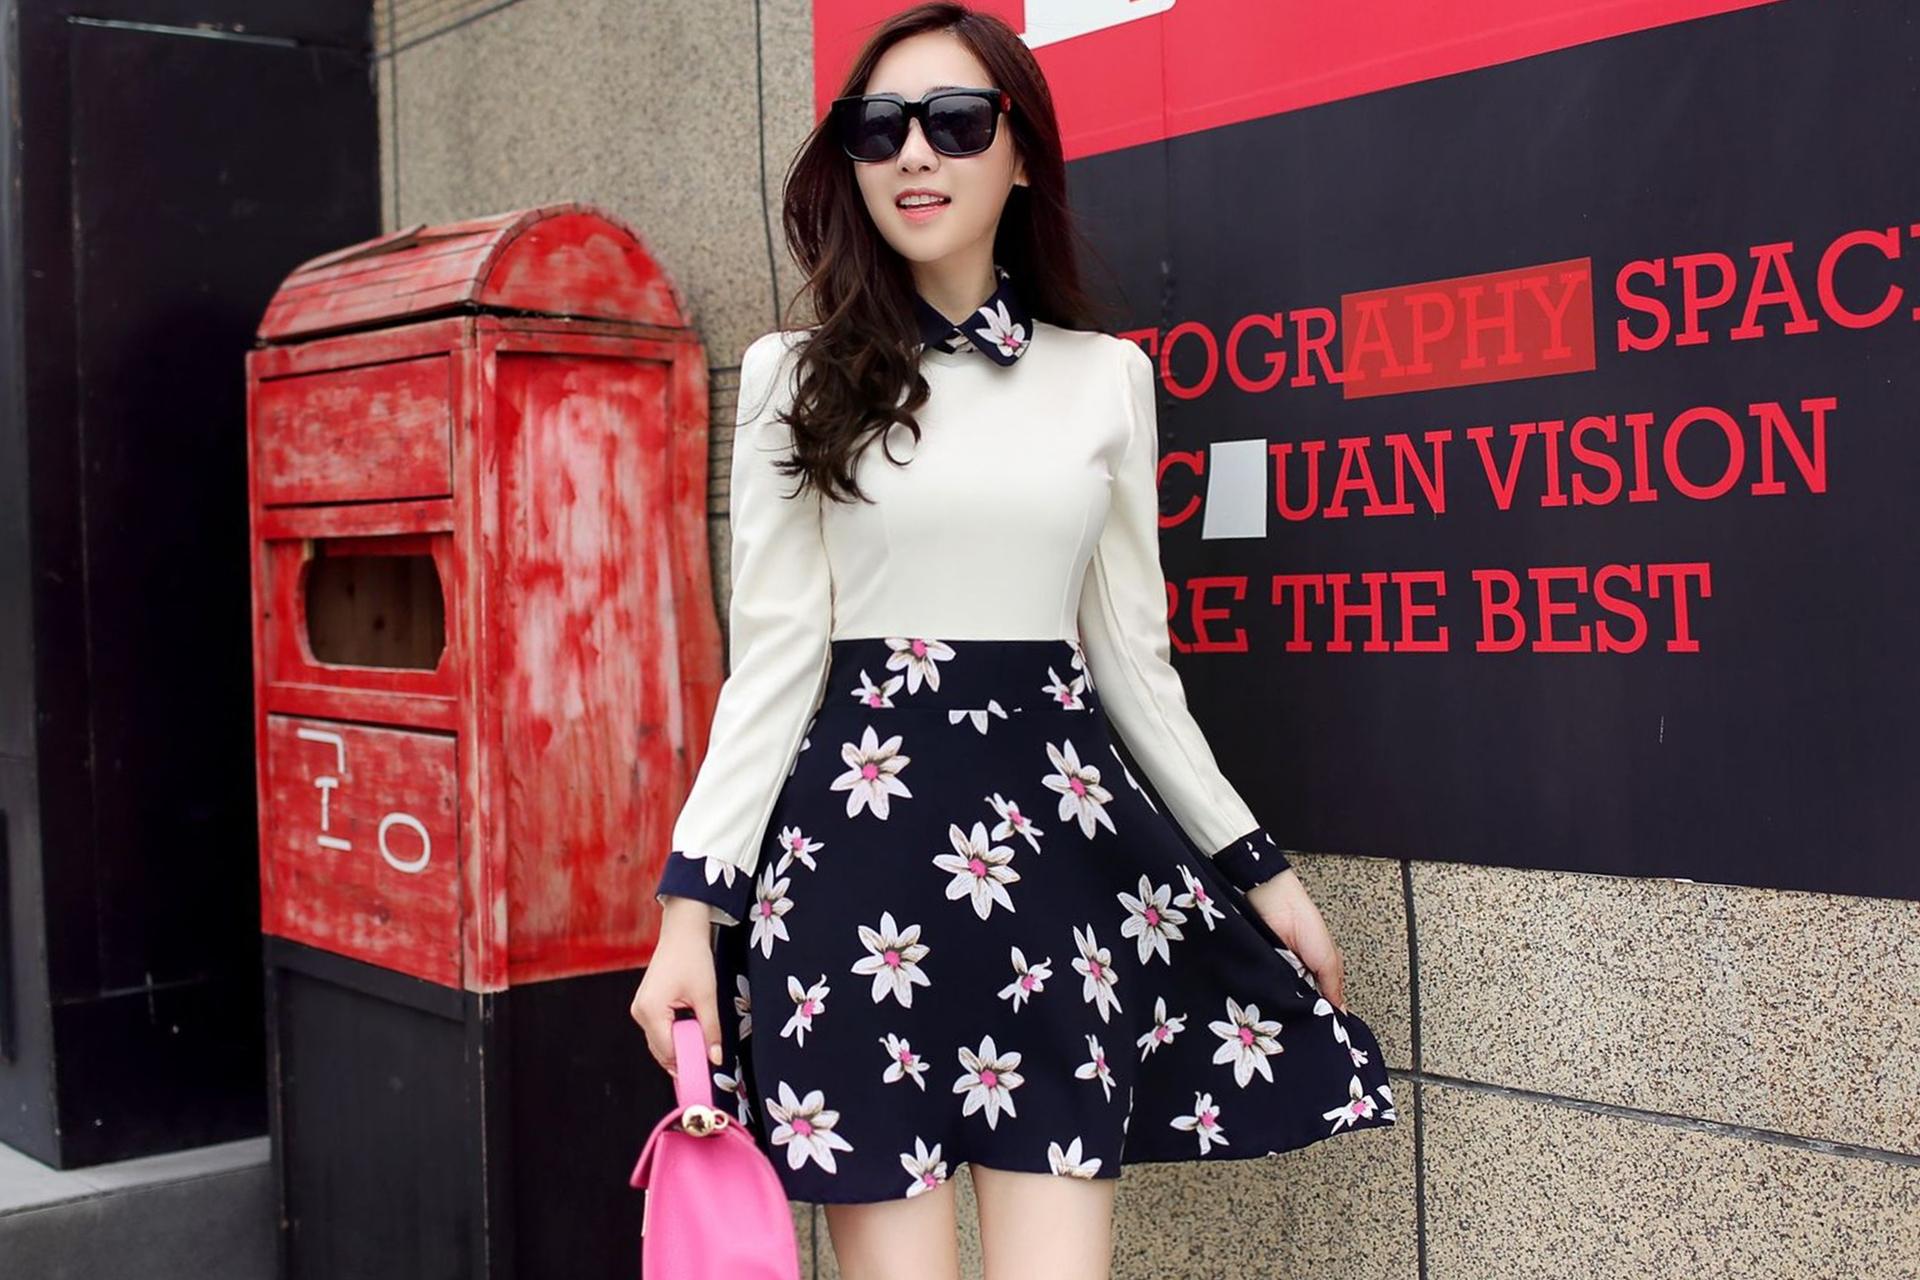 ชุดเดรสสั้นลายดอกไม้ ชุดเดรสสั้นลายดอกไม้ โทนสีครีม-กรมท่า สวยหวาน น่ารักๆสไตล์เกาหลี